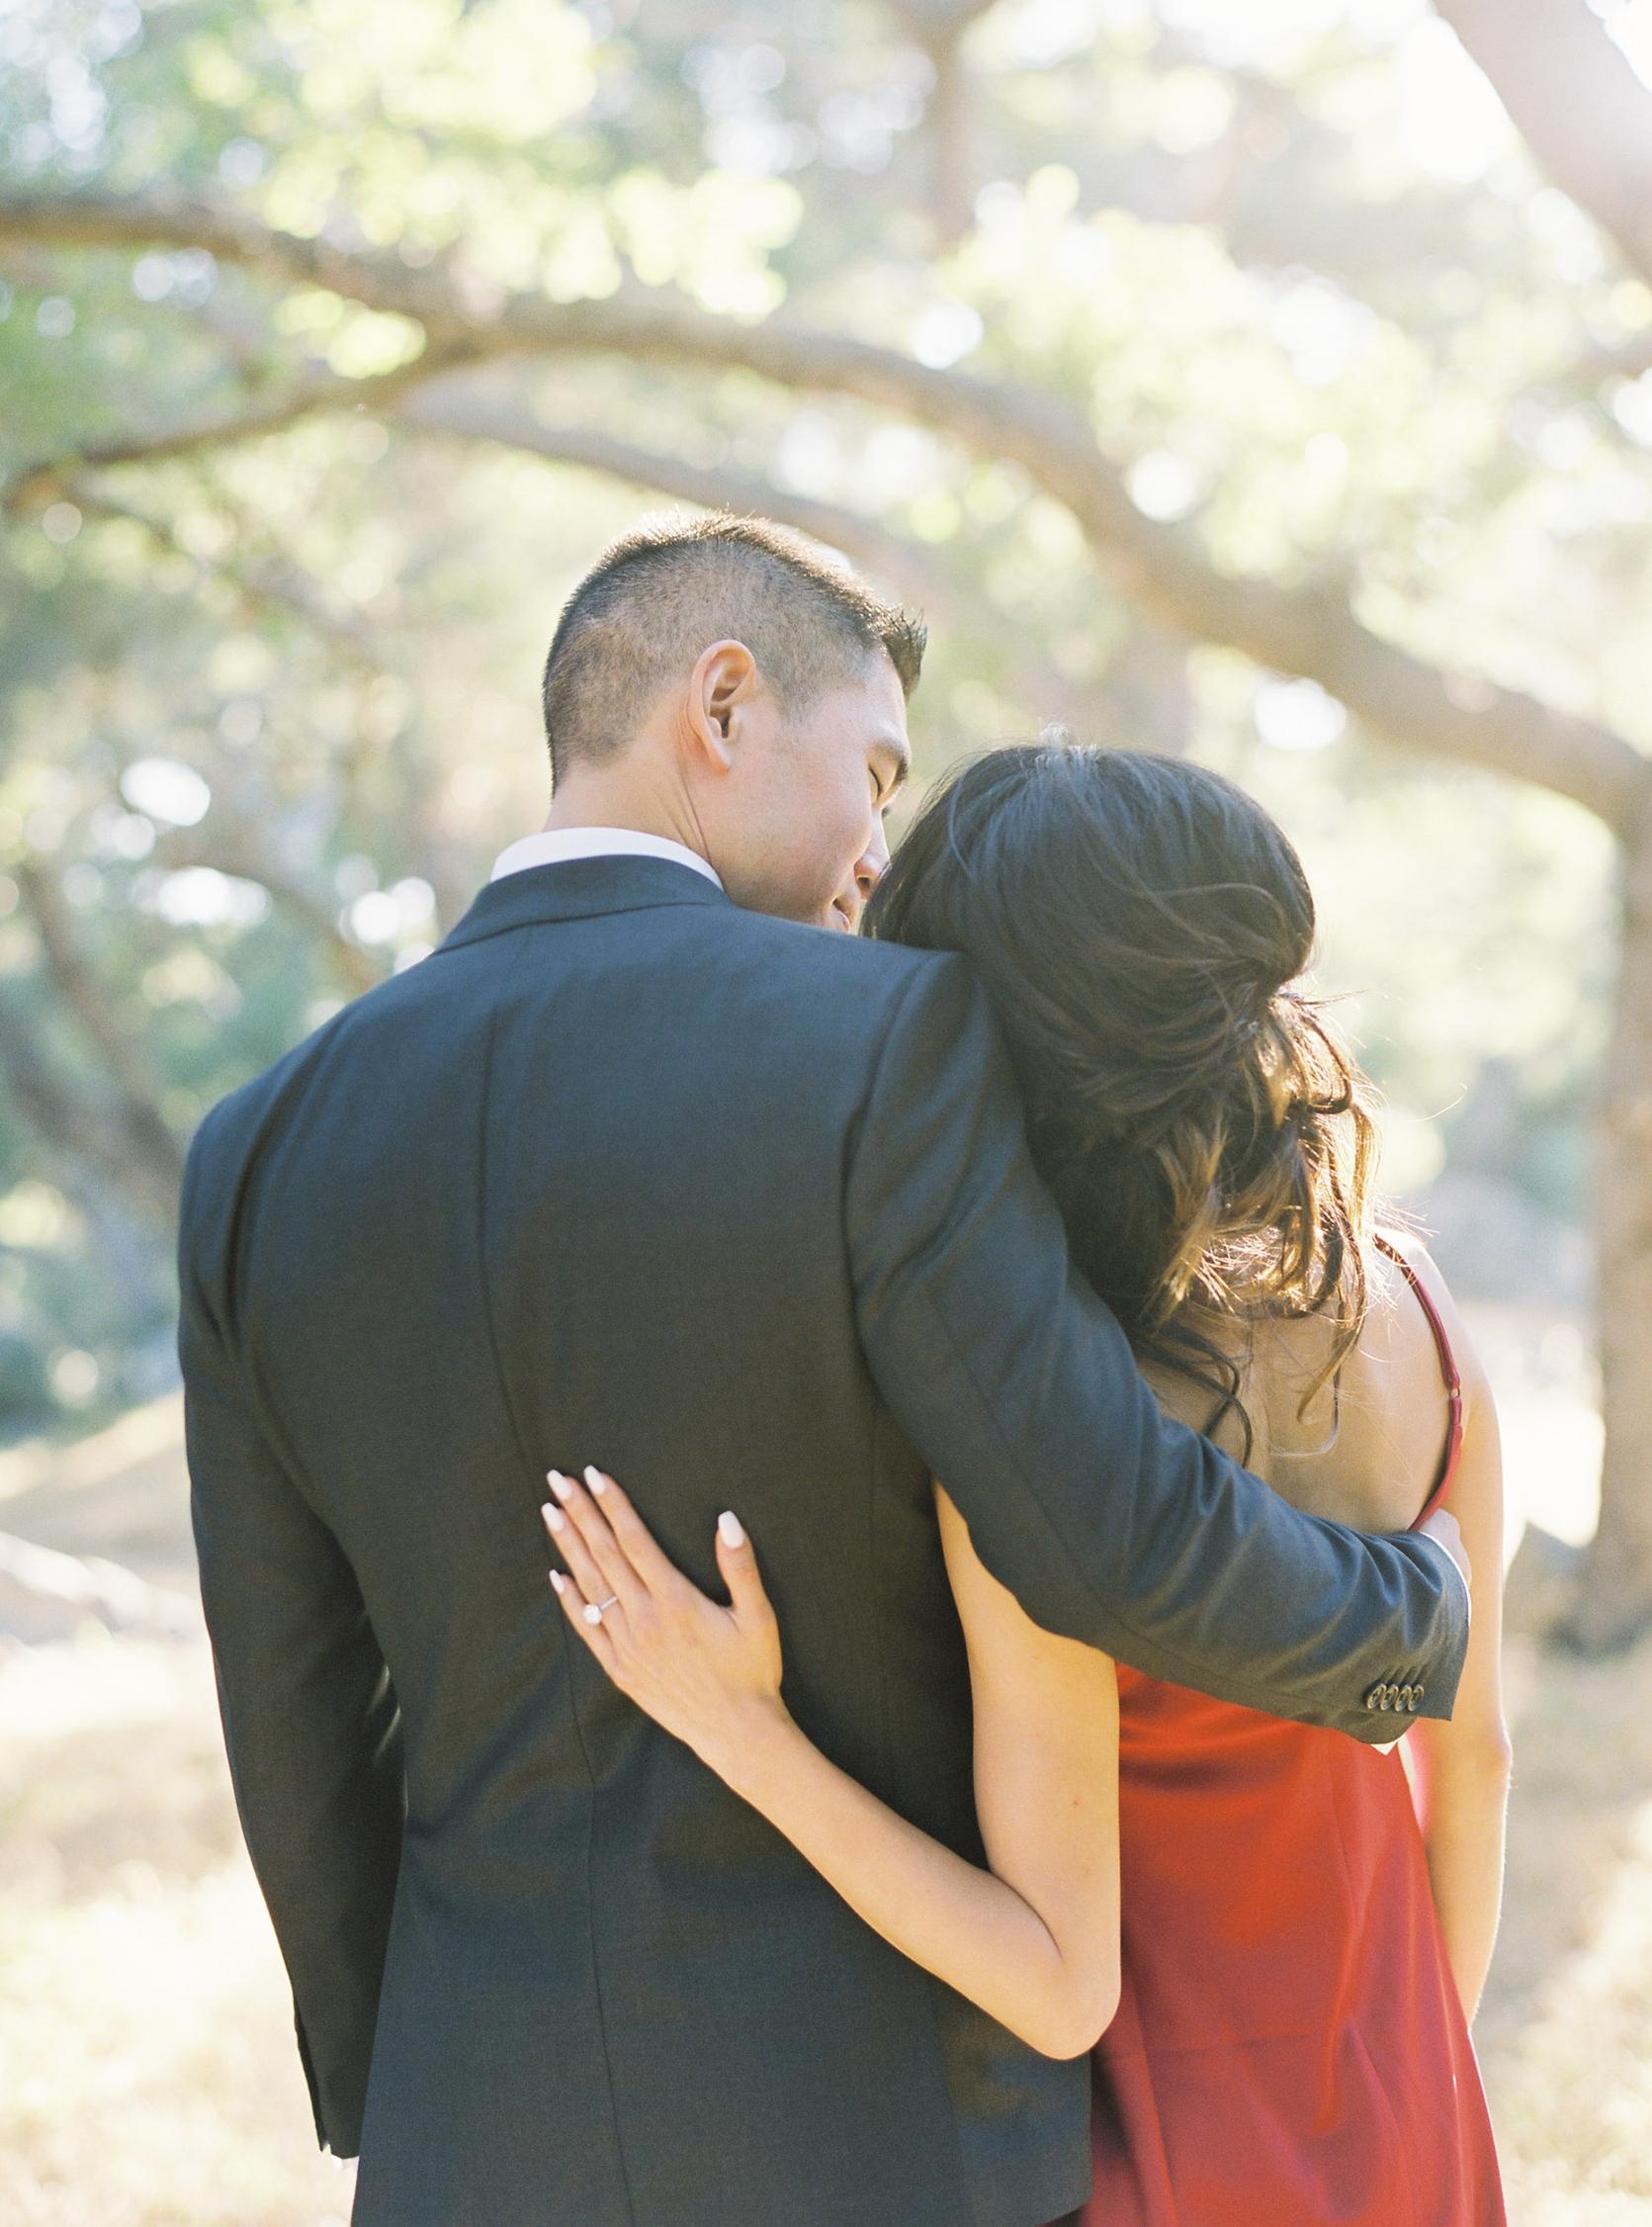 Santa-Barbara-Engagement-125-Jen-Huang-009919-R1-014.jpg